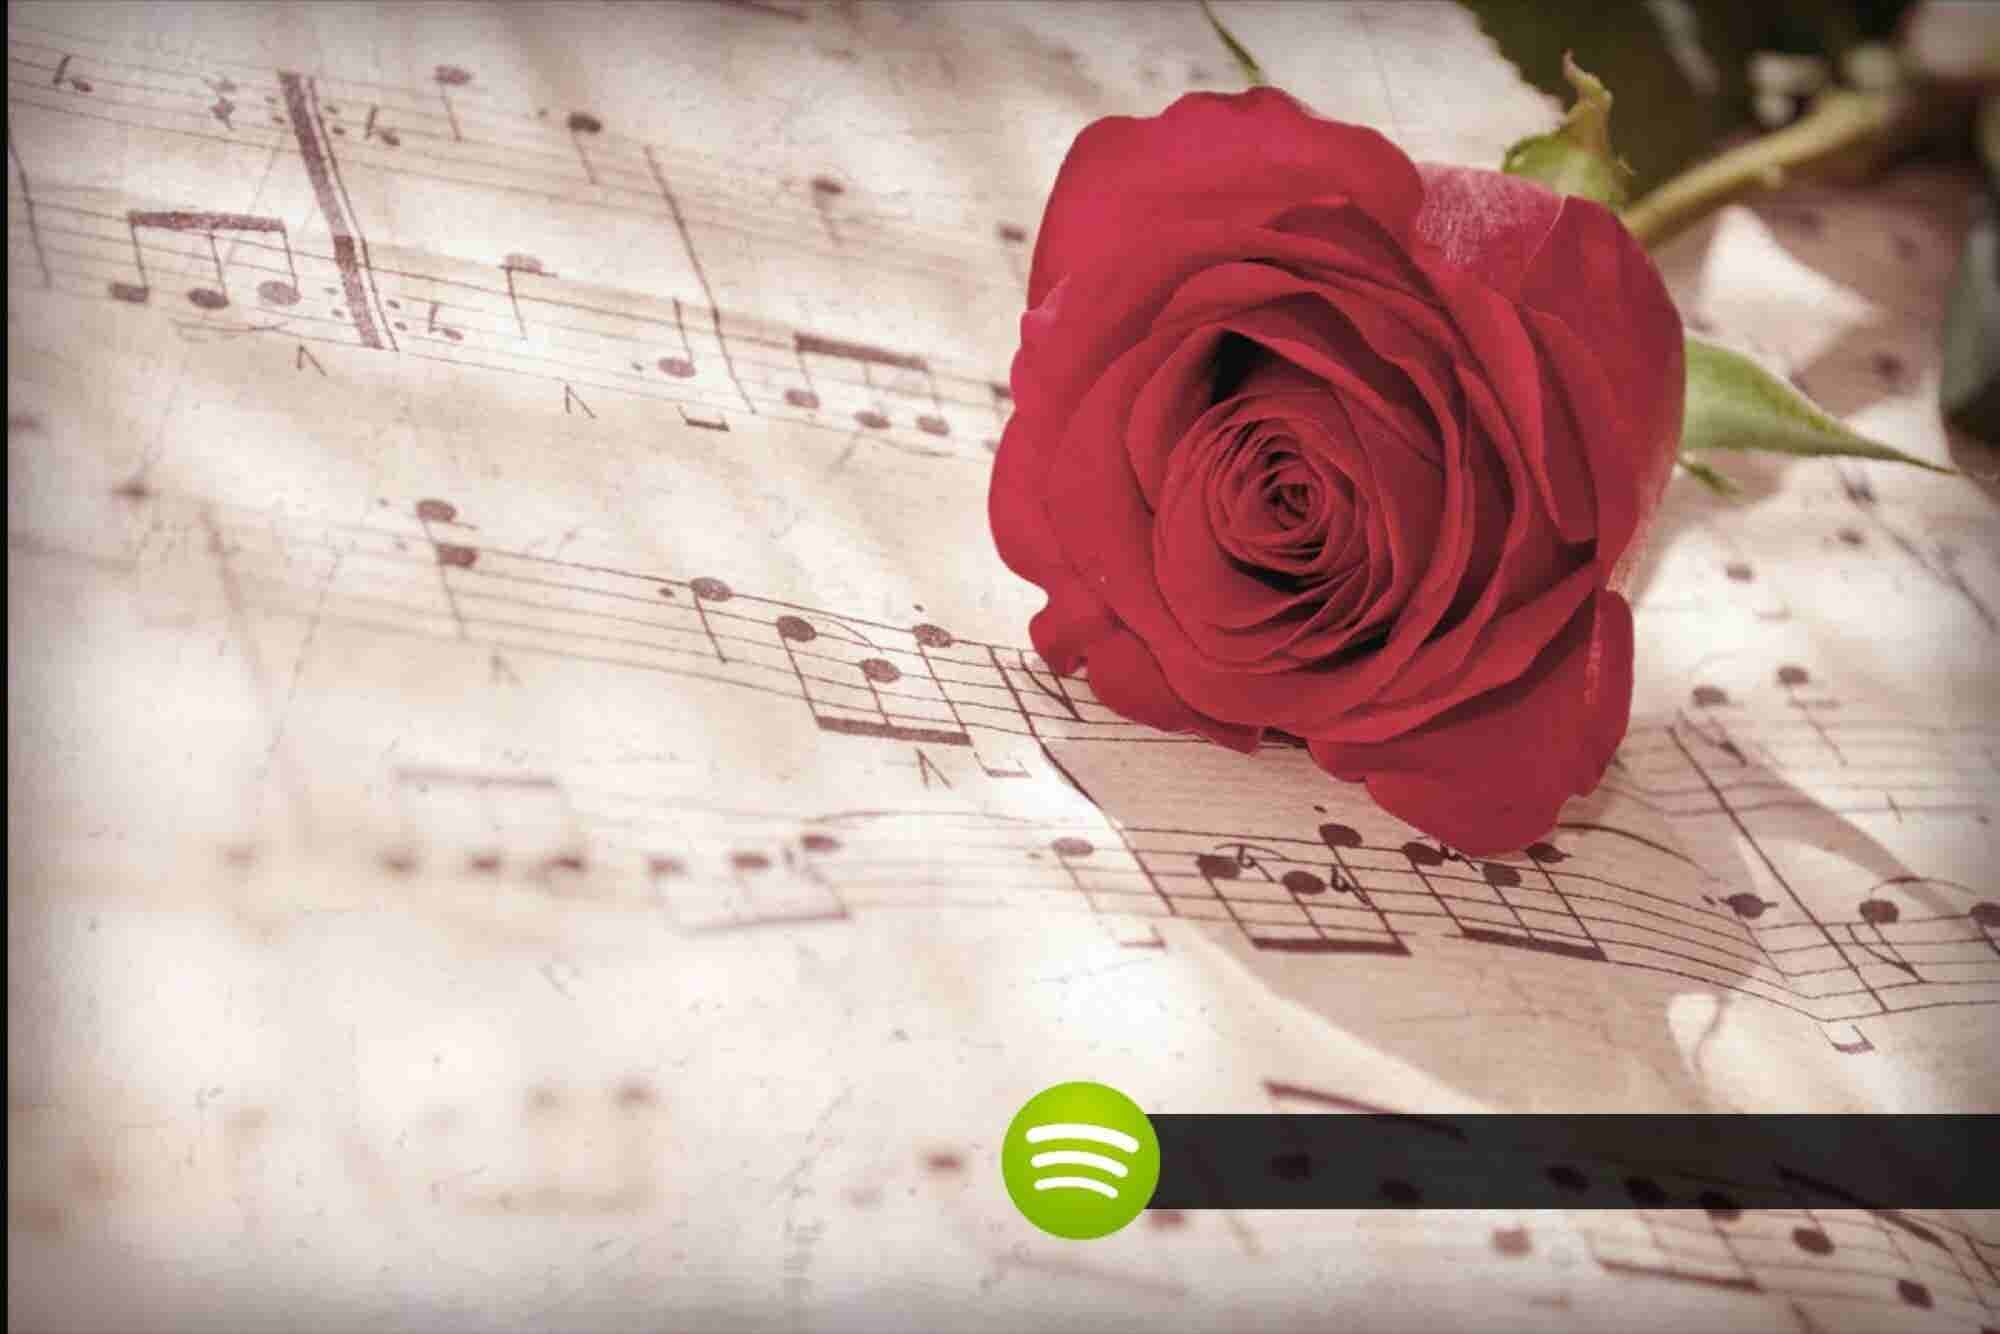 Estas son las canciones más escuchadas en San Valentín (según YouTube)